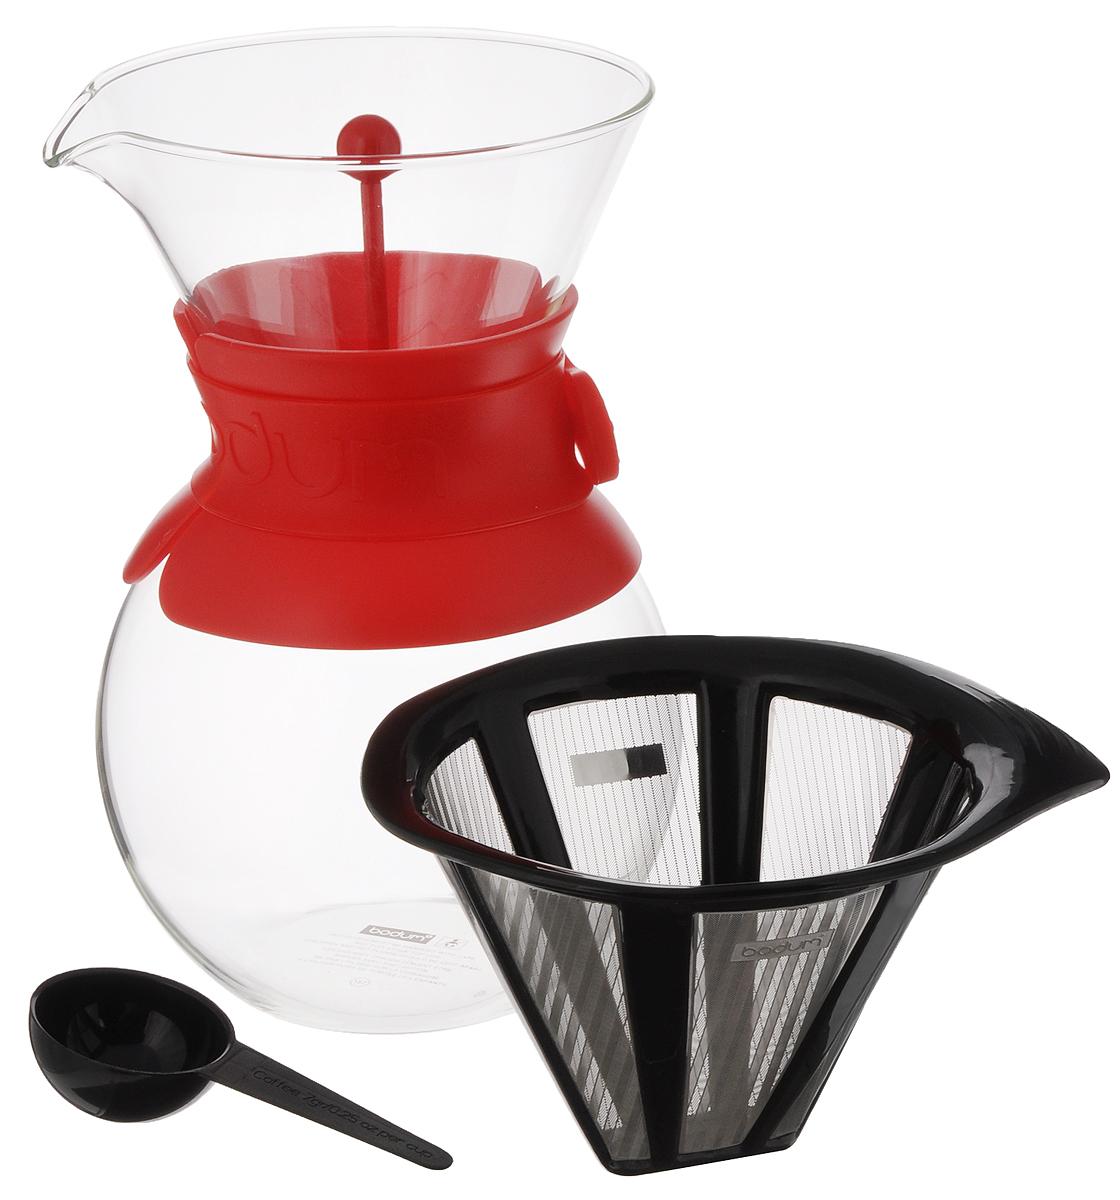 Кофейник Bodum Pour Over, с фильтром и мерной ложкой, цвет: прозрачный, красный, 1 л391602Кофейник с фильтром Bodum Pour Over предназначен для заваривания кофе. Изделие изготовлено из боросиликатного термостойкого стекла, снабжено специальной пластиковой вставкой с силиконовым ремешком, чтобы не обжечь руки. Фильтр выполнен из пластика с сеткой из коррозионностойкой стали. Кофейник очень прост в использовании. Заполните воронку молотым кофе, предназначенным для приготовления капельным способом. Медленно вливайте горячую воду, дайте воде просочиться сквозь кофе, готовый кофе будет капать в емкость. В комплекте предусмотрена специальная мерная ложечка на 7 грамм кофе. Диаметр емкости (по верхнему краю): 12 см. Высота емкости (без учета крышки): 21 см. Размер фильтра: 17 х 13,5 х 10 см.Длина ложки: 10 см.